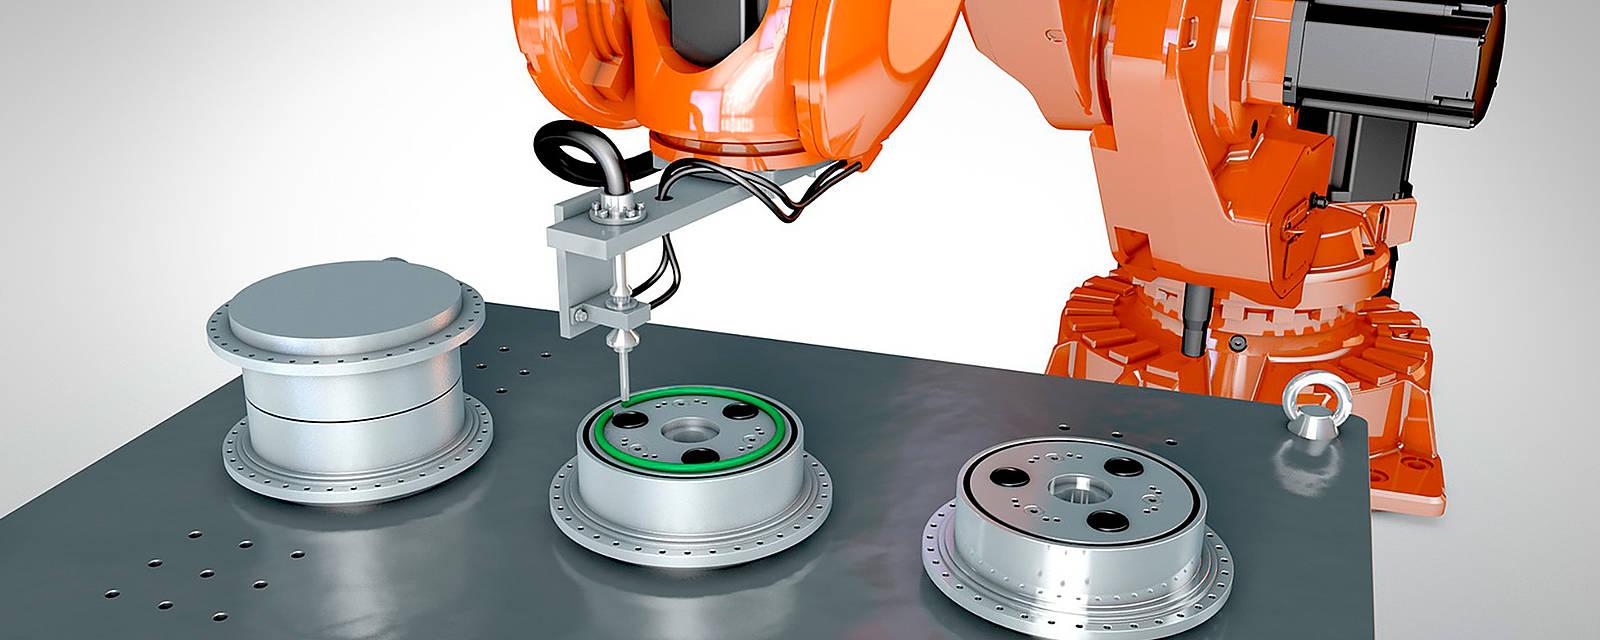 Spojovací robotický systém pro lepení a spojování